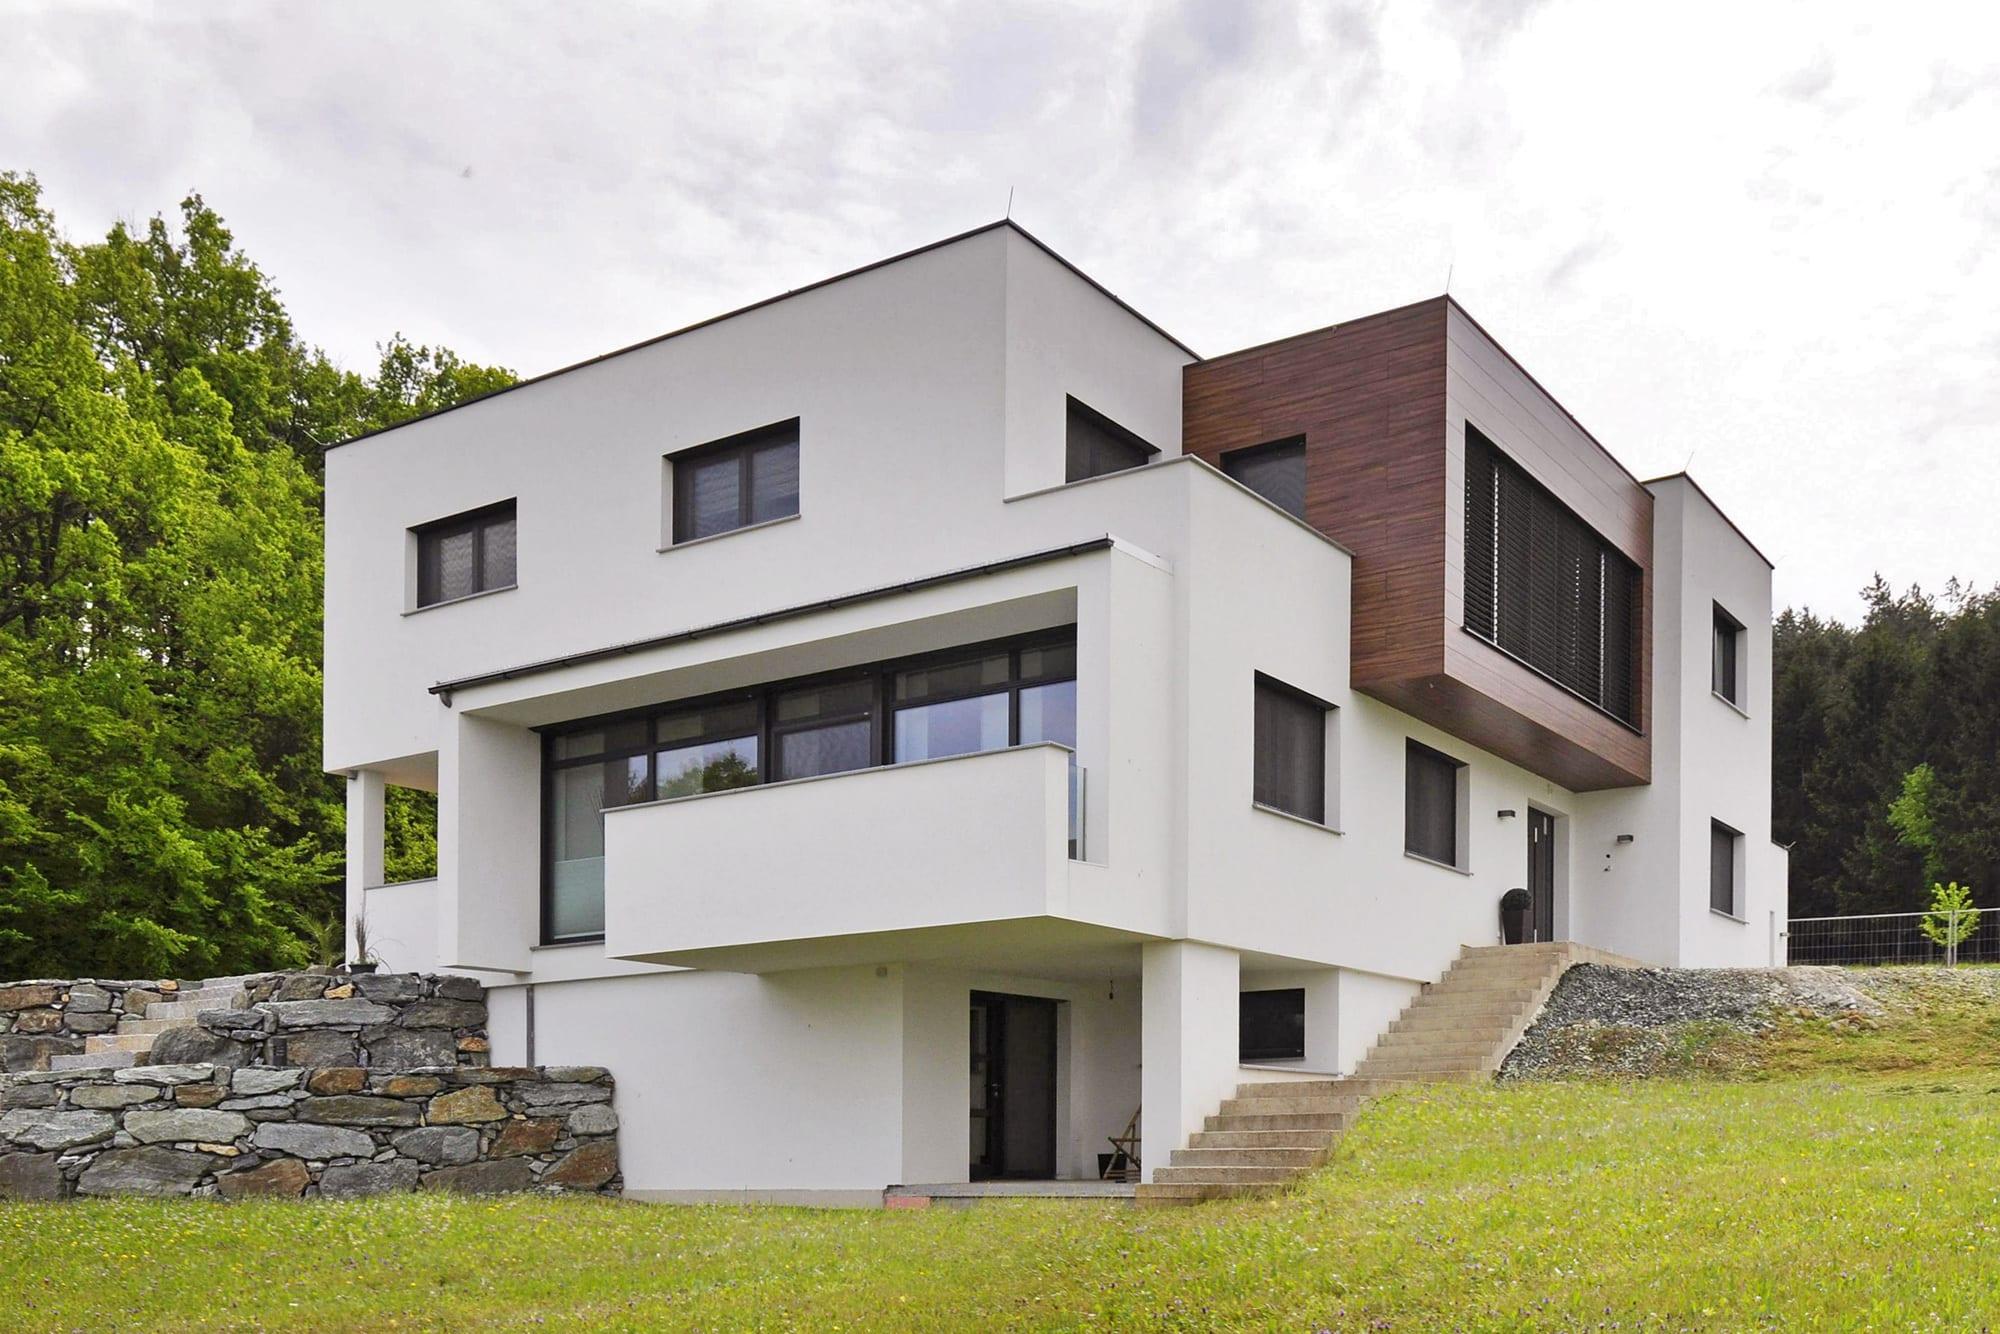 graue fassade weie fenster great hausfassade modern. Black Bedroom Furniture Sets. Home Design Ideas